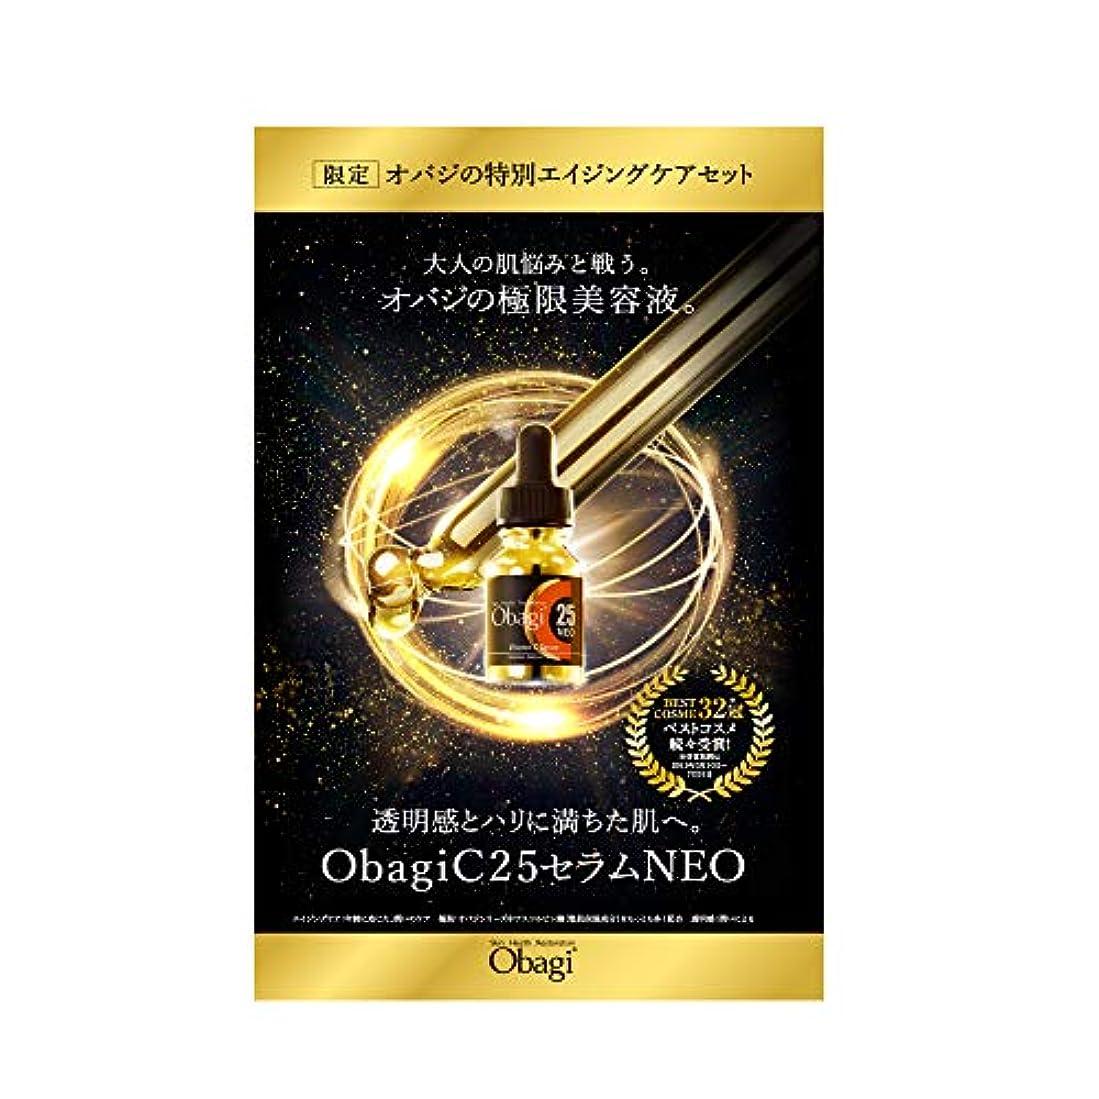 モネ苦しみ運命Obagi(オバジ) オバジの特別エイジングケアセット(3点サンプルセット)